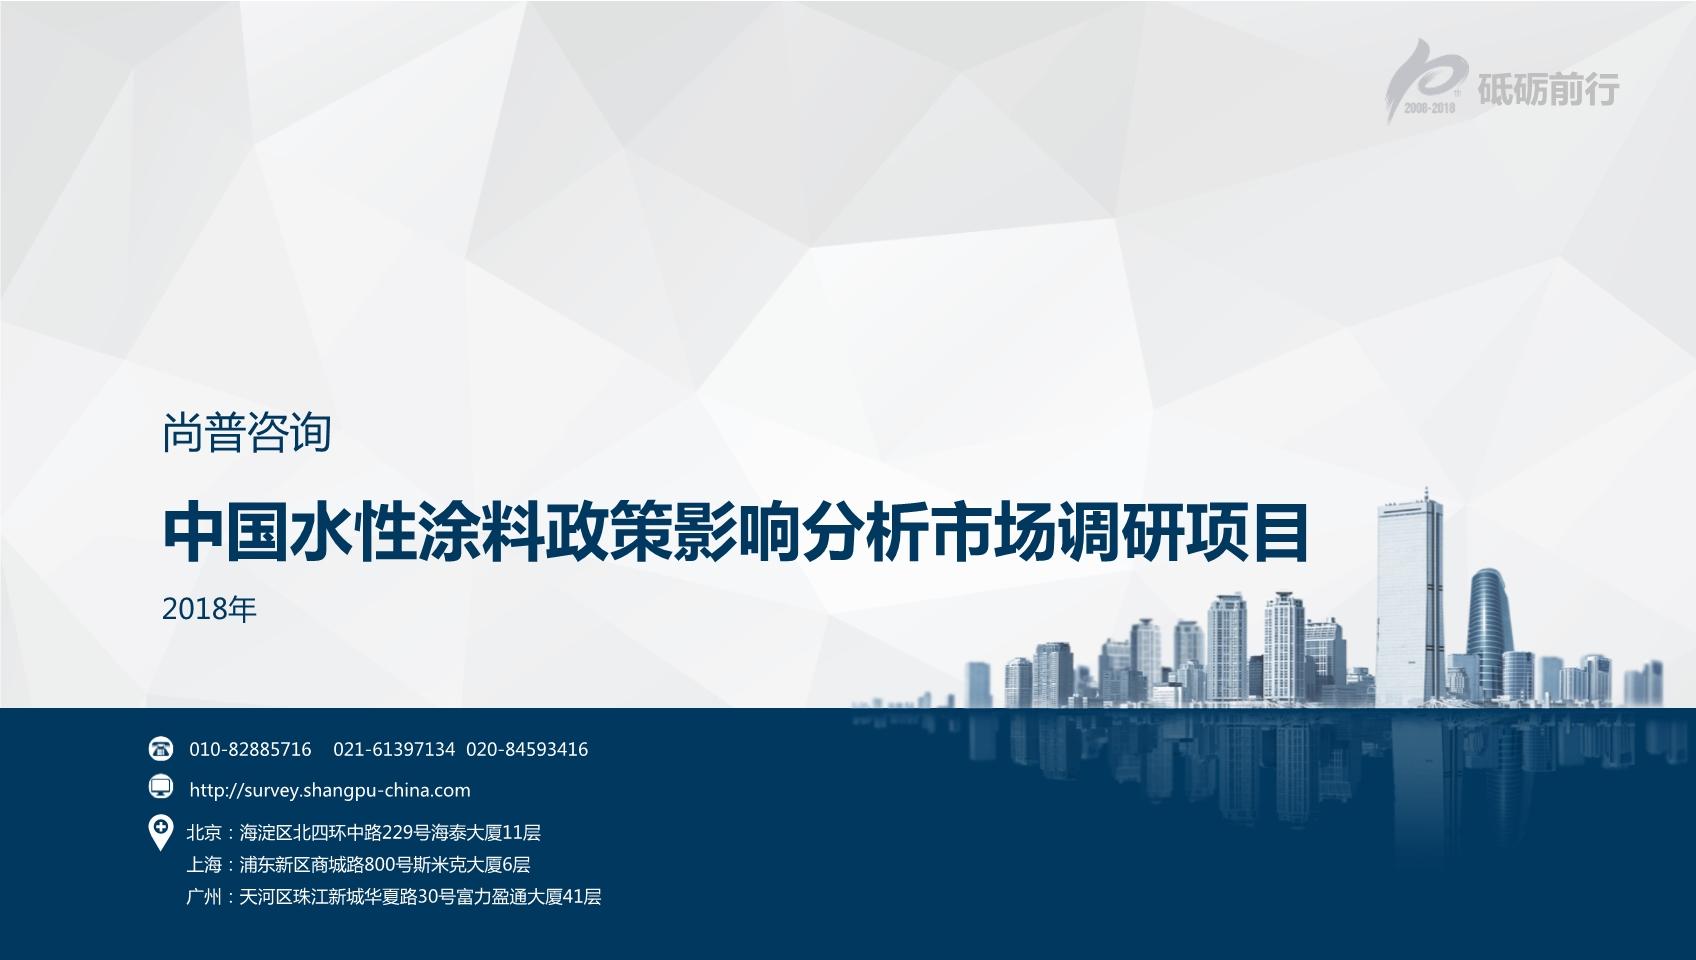 尚普咨询-中国水性涂料政策影响分析市场调研项目